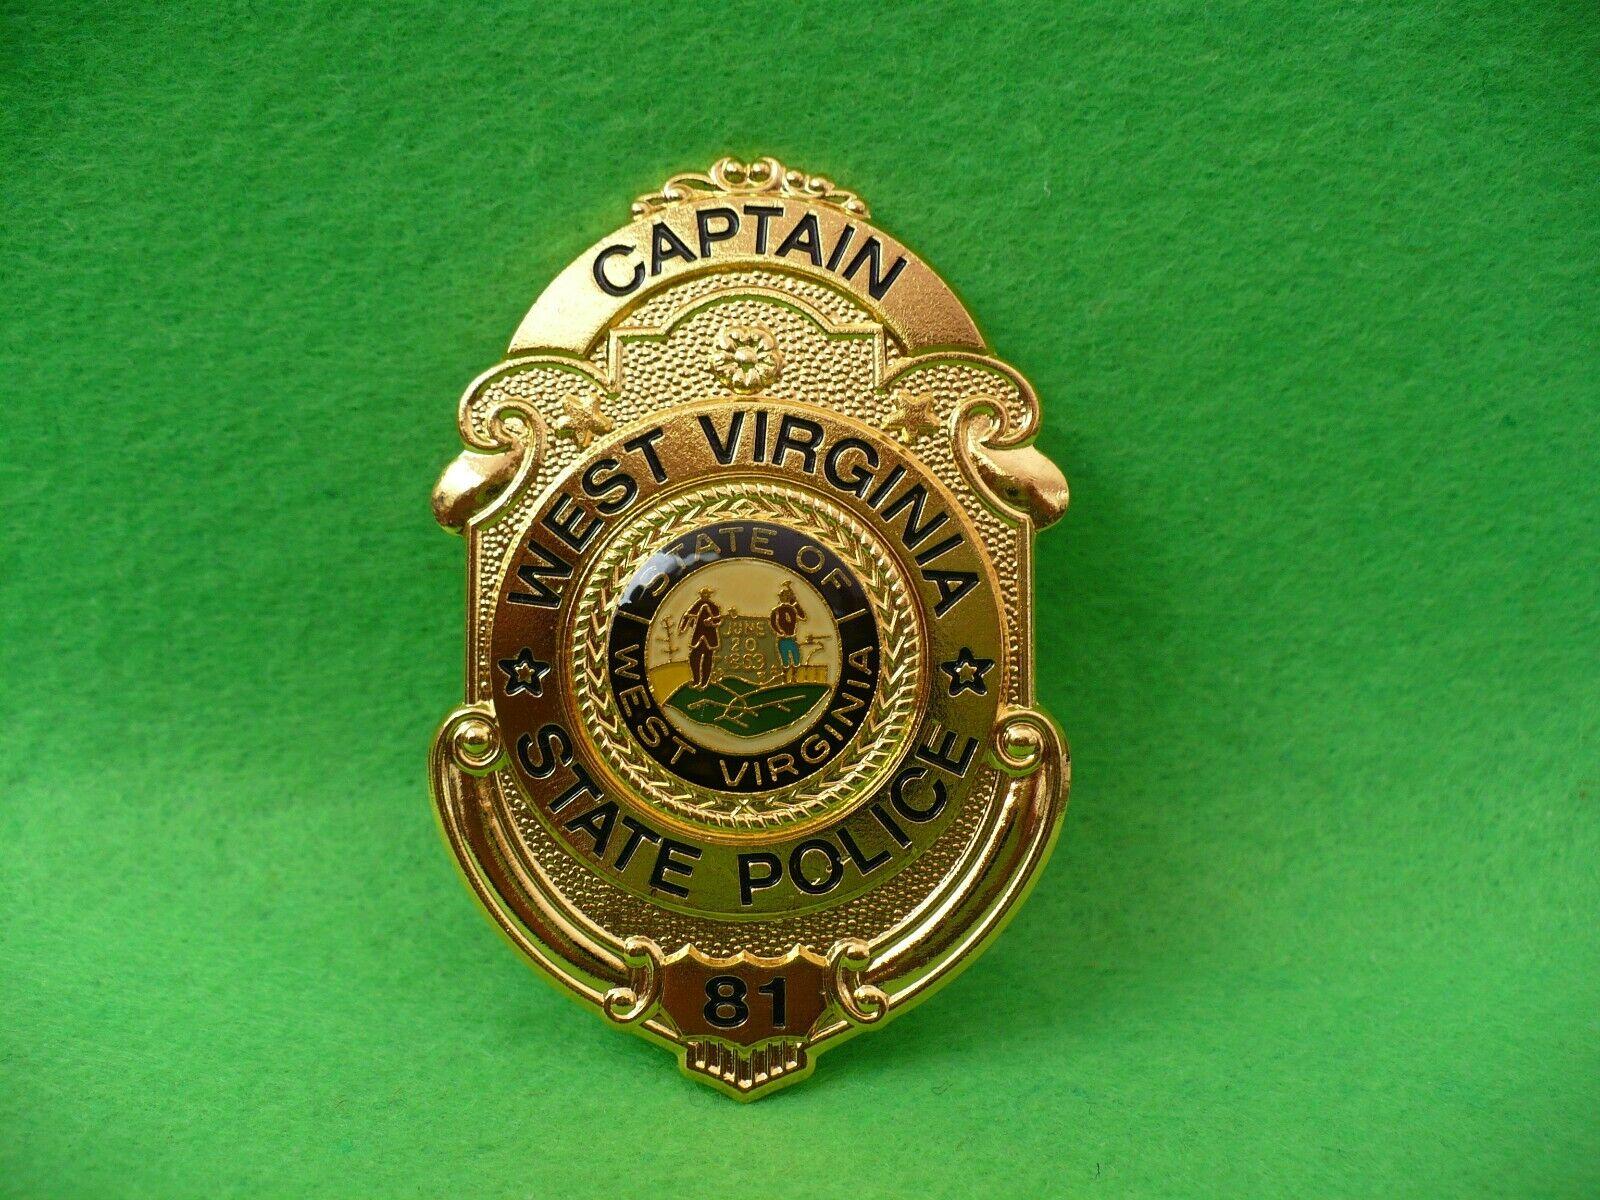 Captain State Police 81 West Virginia Göde Police Badge Polizeiabzeichen